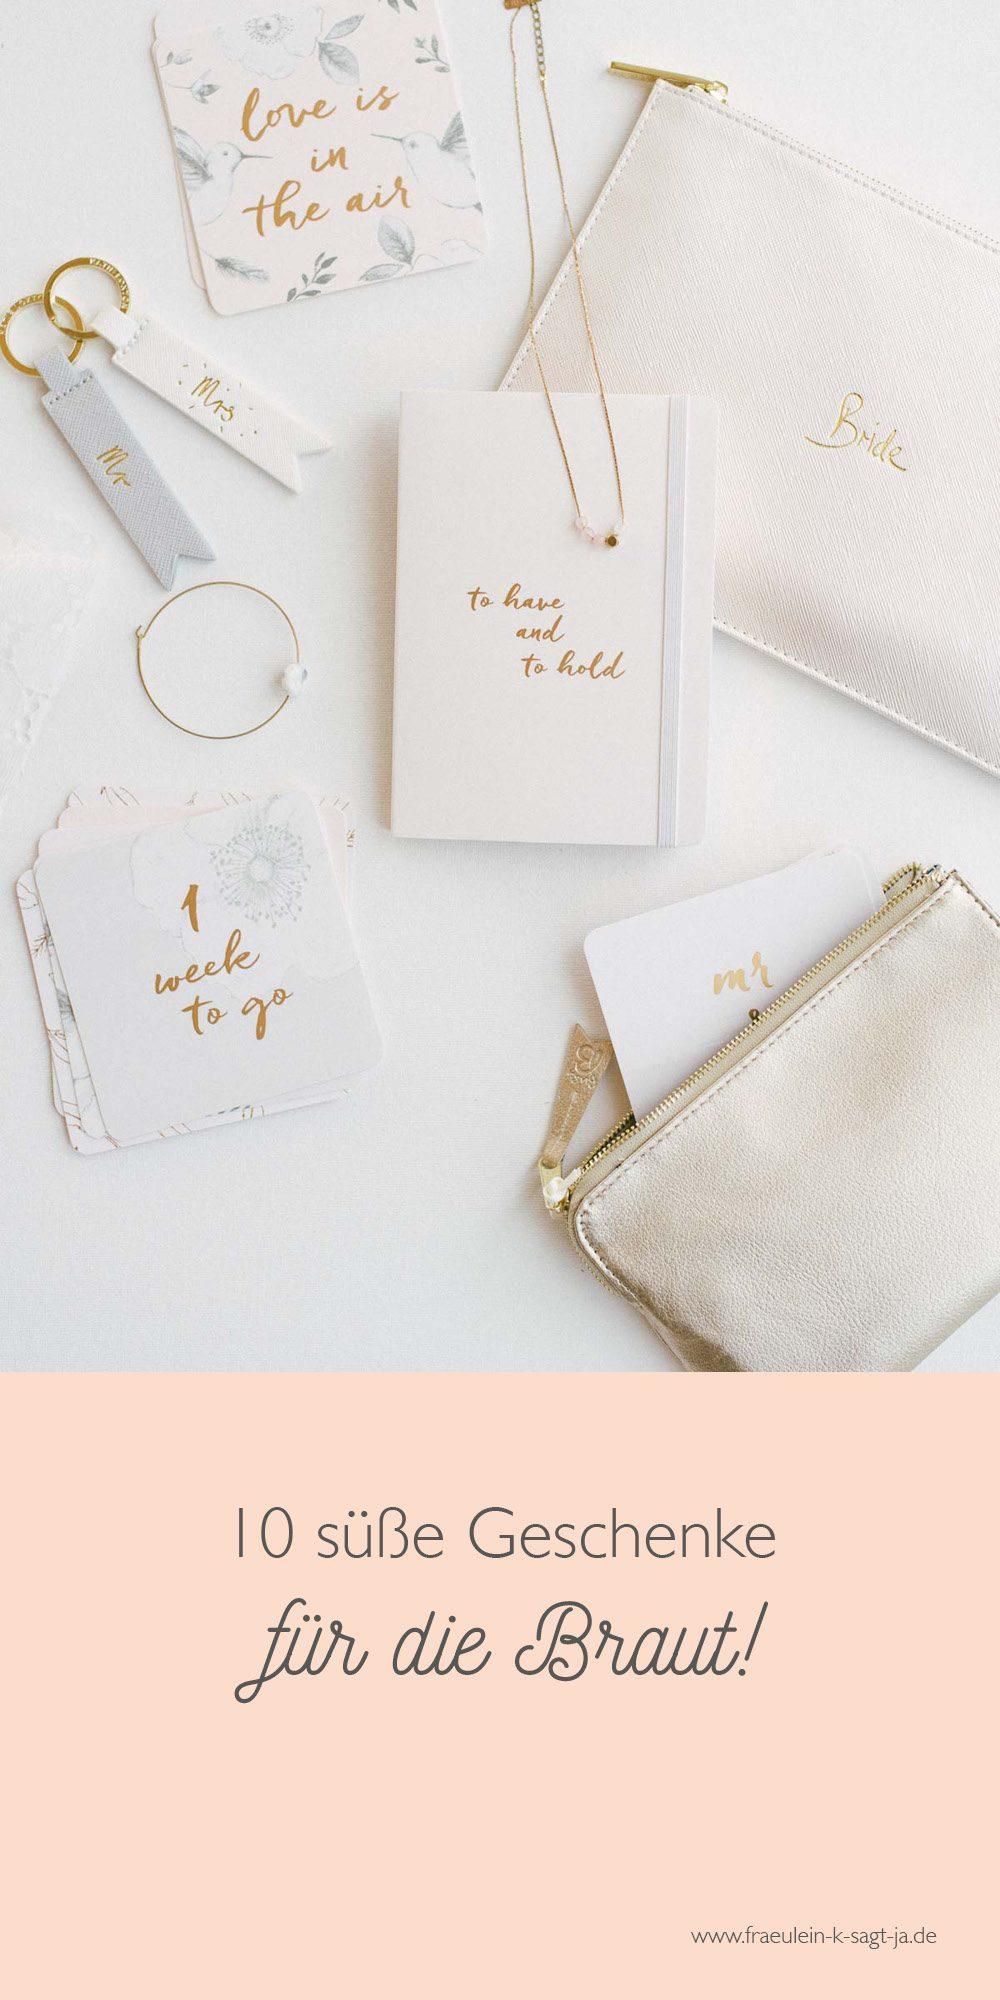 Mehr als 10 Ideen für die besten Hochzeitsgeschenke und liebe Gesten für Trauzeugen, Braut und Bräutigam. Zum online bestellen & Danke sagen!